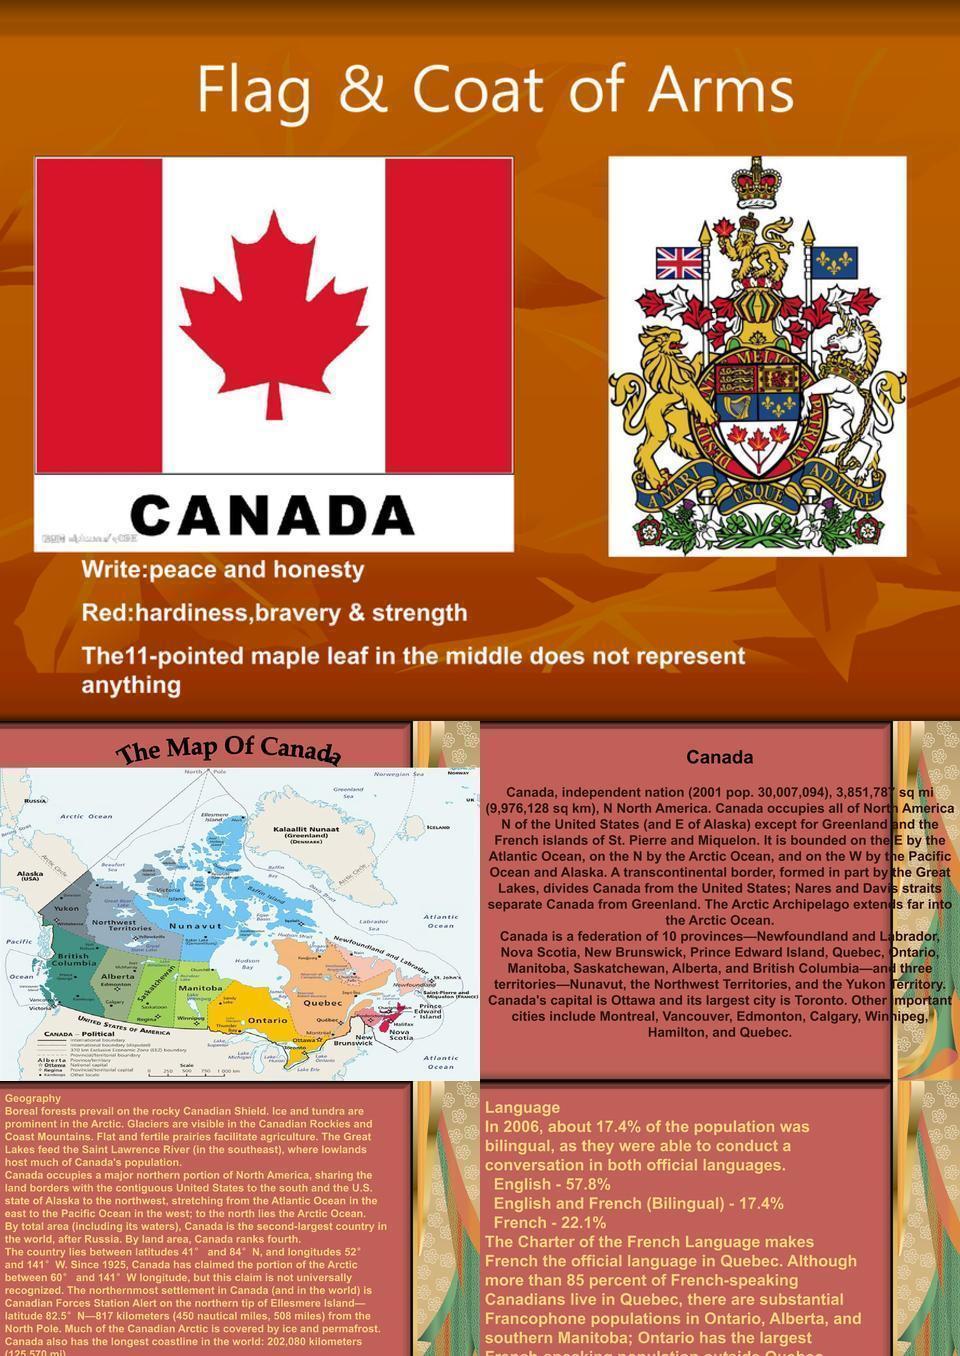 加拿大英文介绍